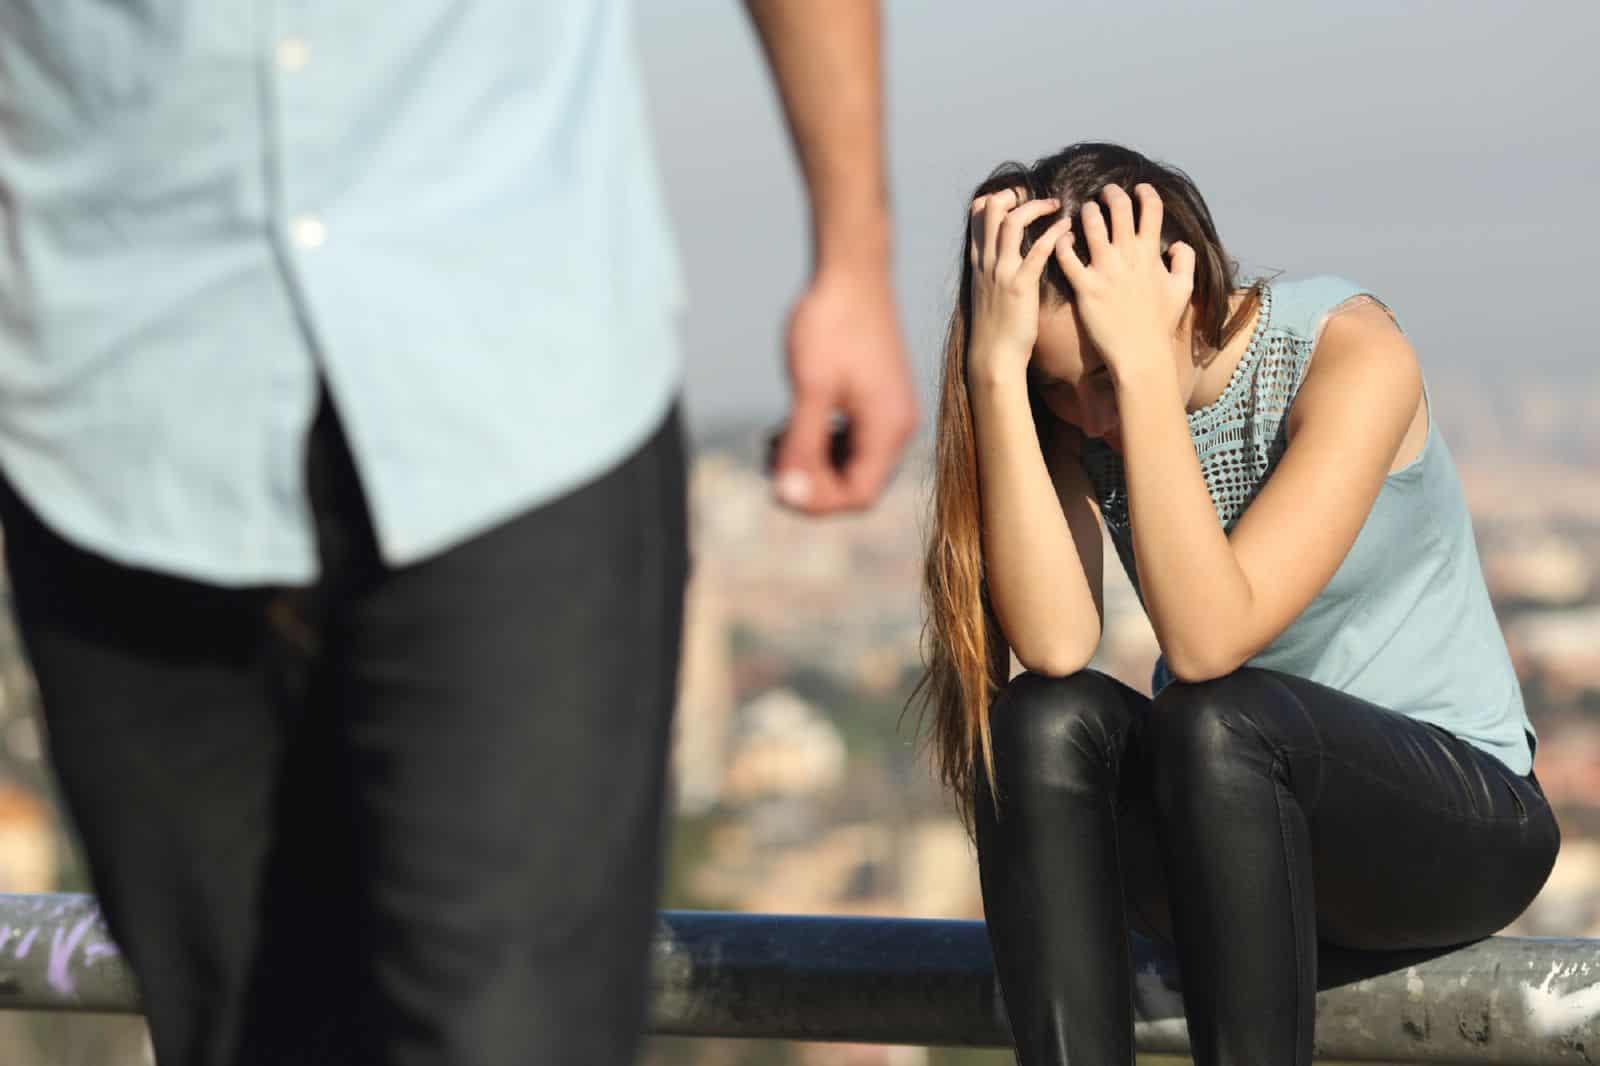 развод с иностранцем без его присутствия в россии